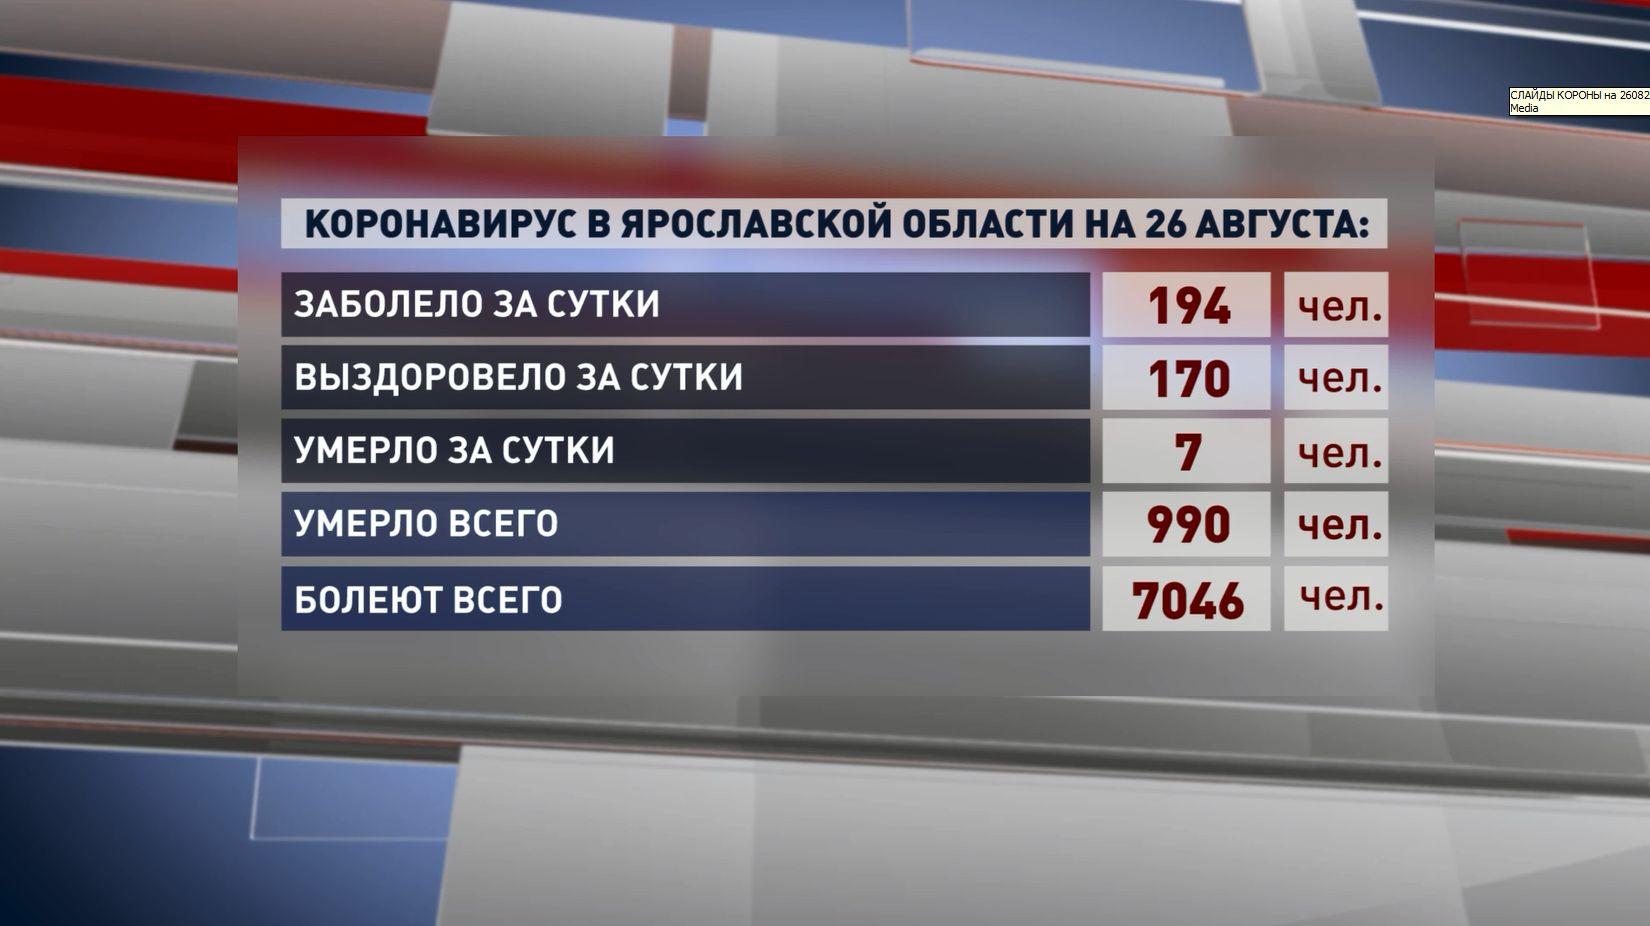 Ковид унес жизни почти 1 000 жителей Ярославской области с начала периода пандемии